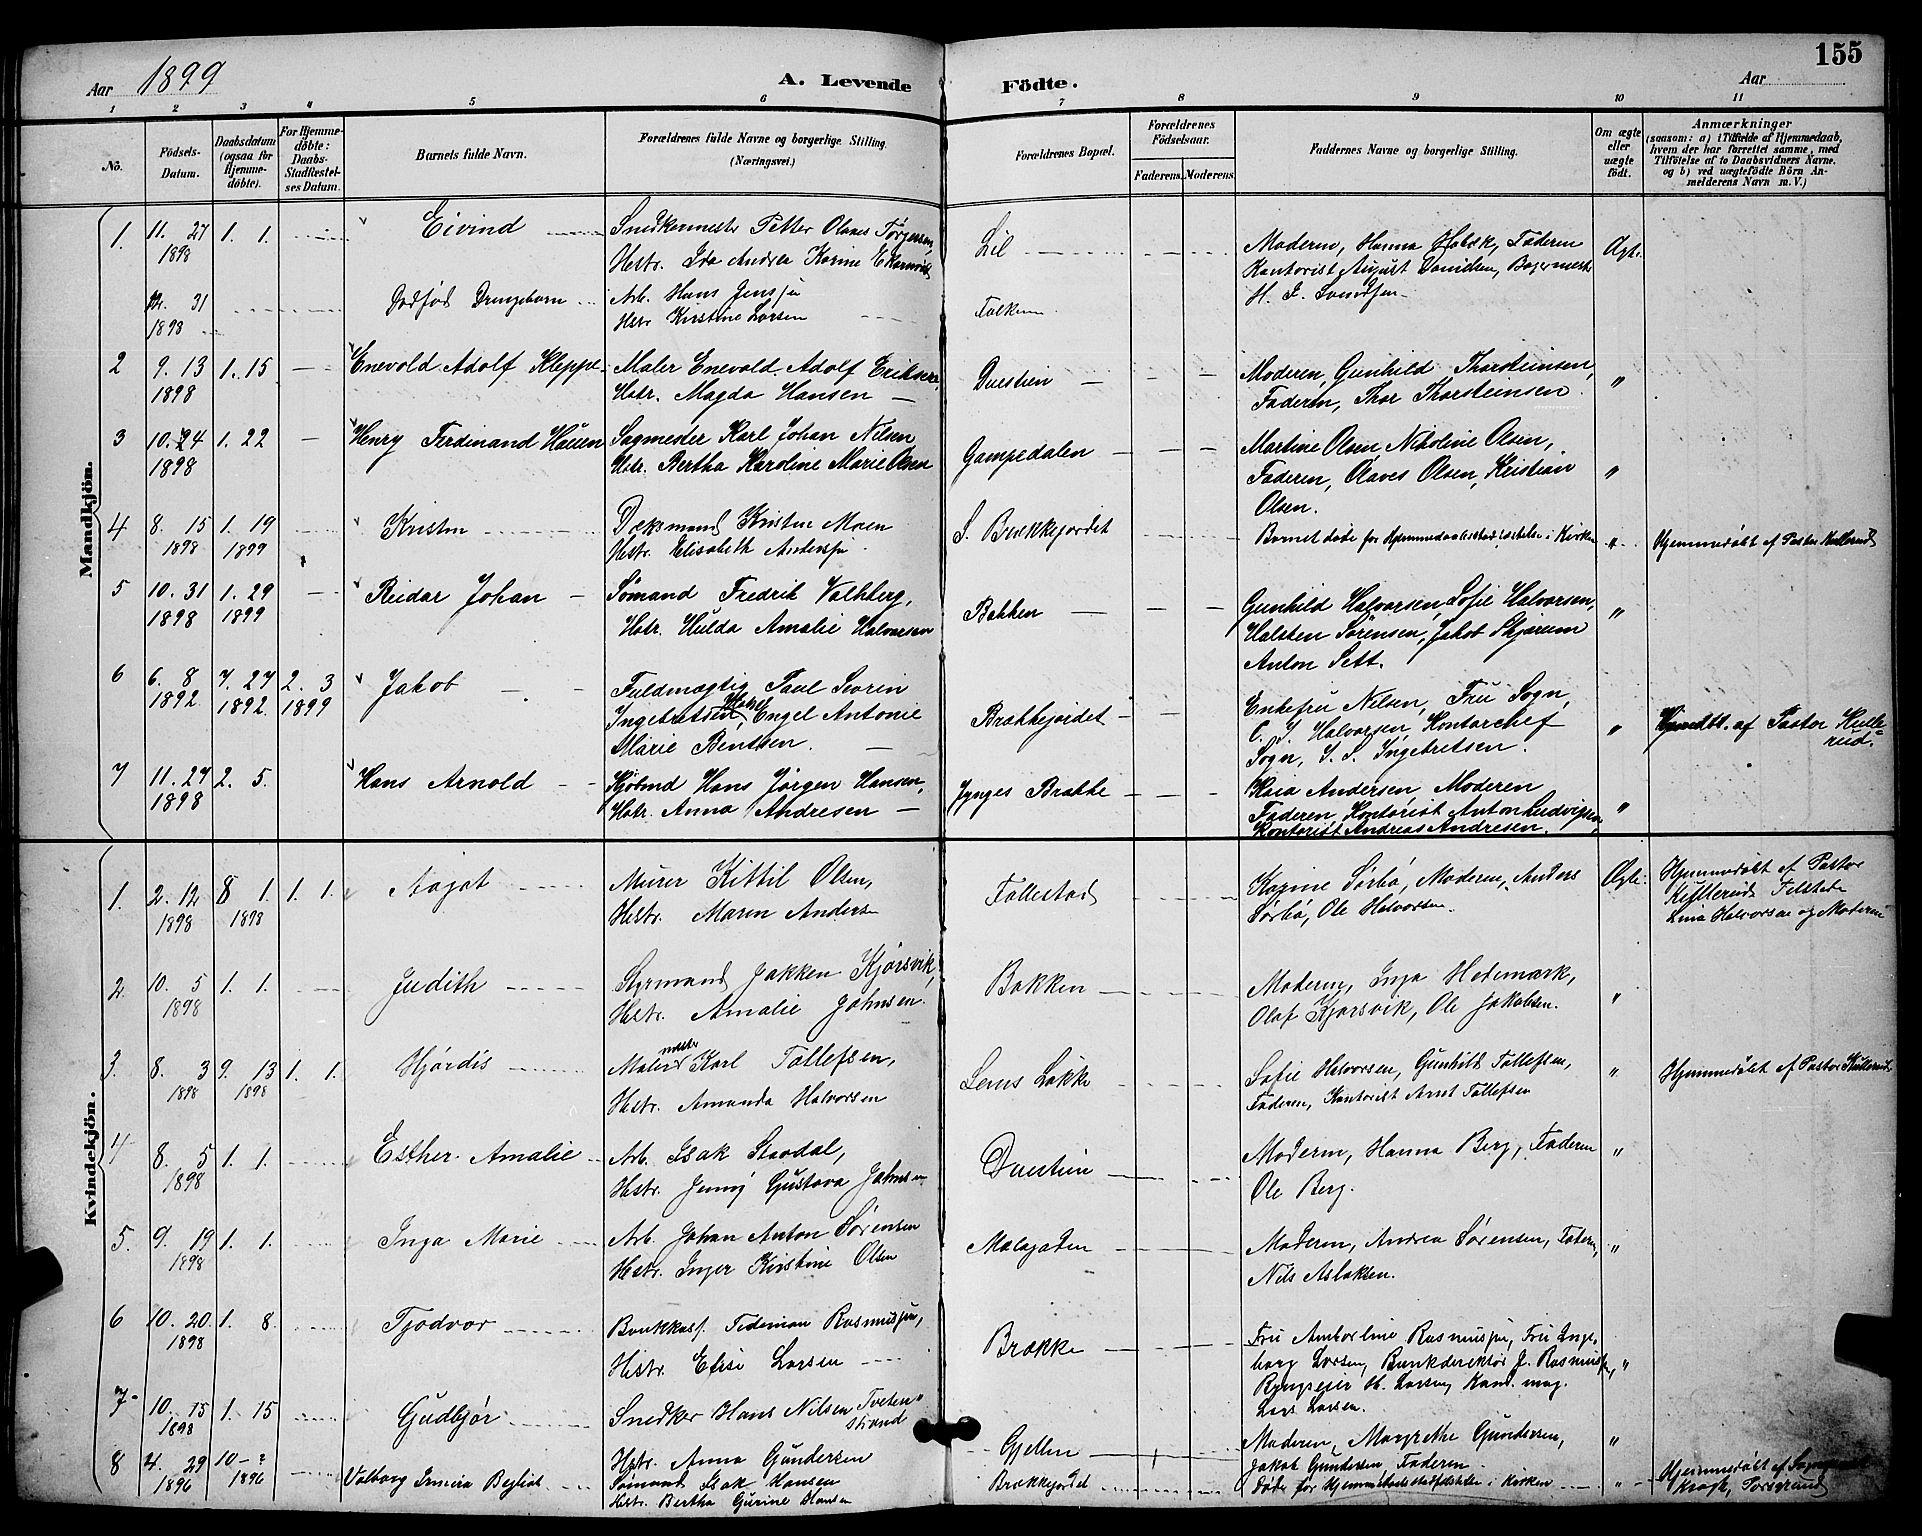 SAKO, Skien kirkebøker, G/Ga/L0007: Klokkerbok nr. 7, 1891-1900, s. 155